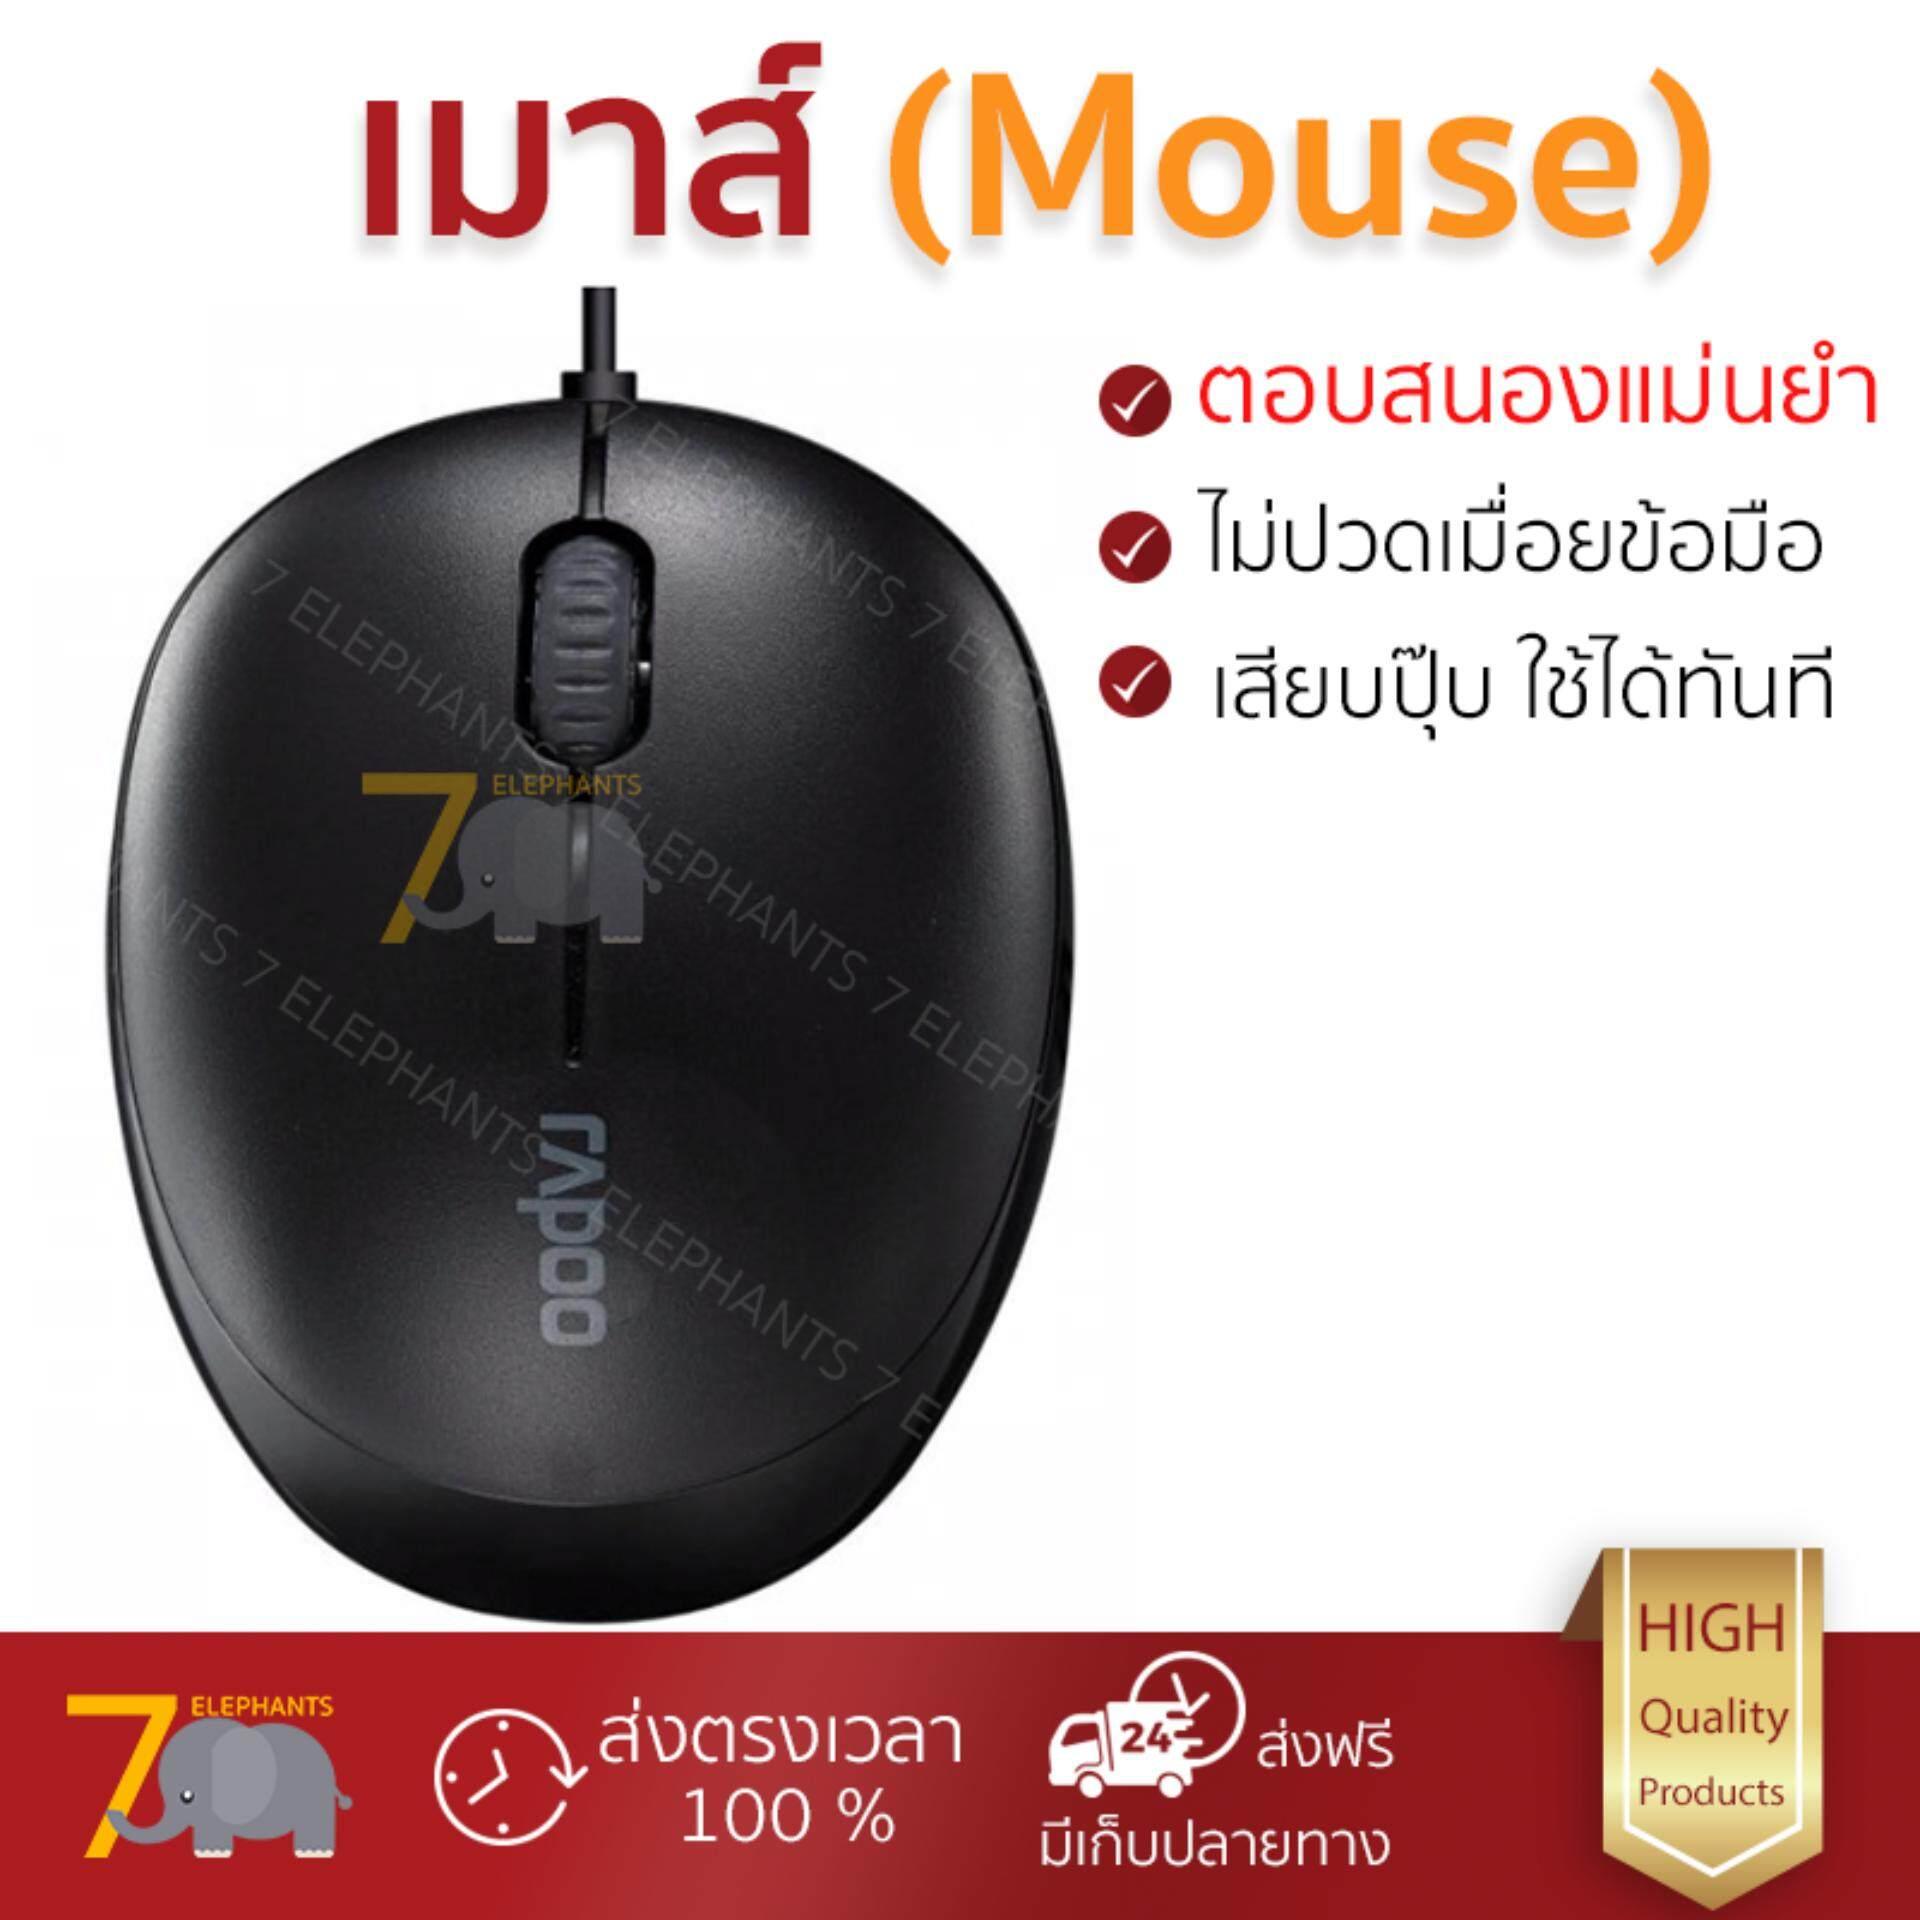 รุ่นใหม่ล่าสุด เมาส์           RAPOO เมาส์ (สีดำ) รุ่น MSN1500             เซนเซอร์คุณภาพสูง ทำงานได้ลื่นไหล ไม่มีสะดุด Computer Mouse  รับประกันสินค้า 1 ปี จัดส่งฟรี Kerry ทั่วประเทศ